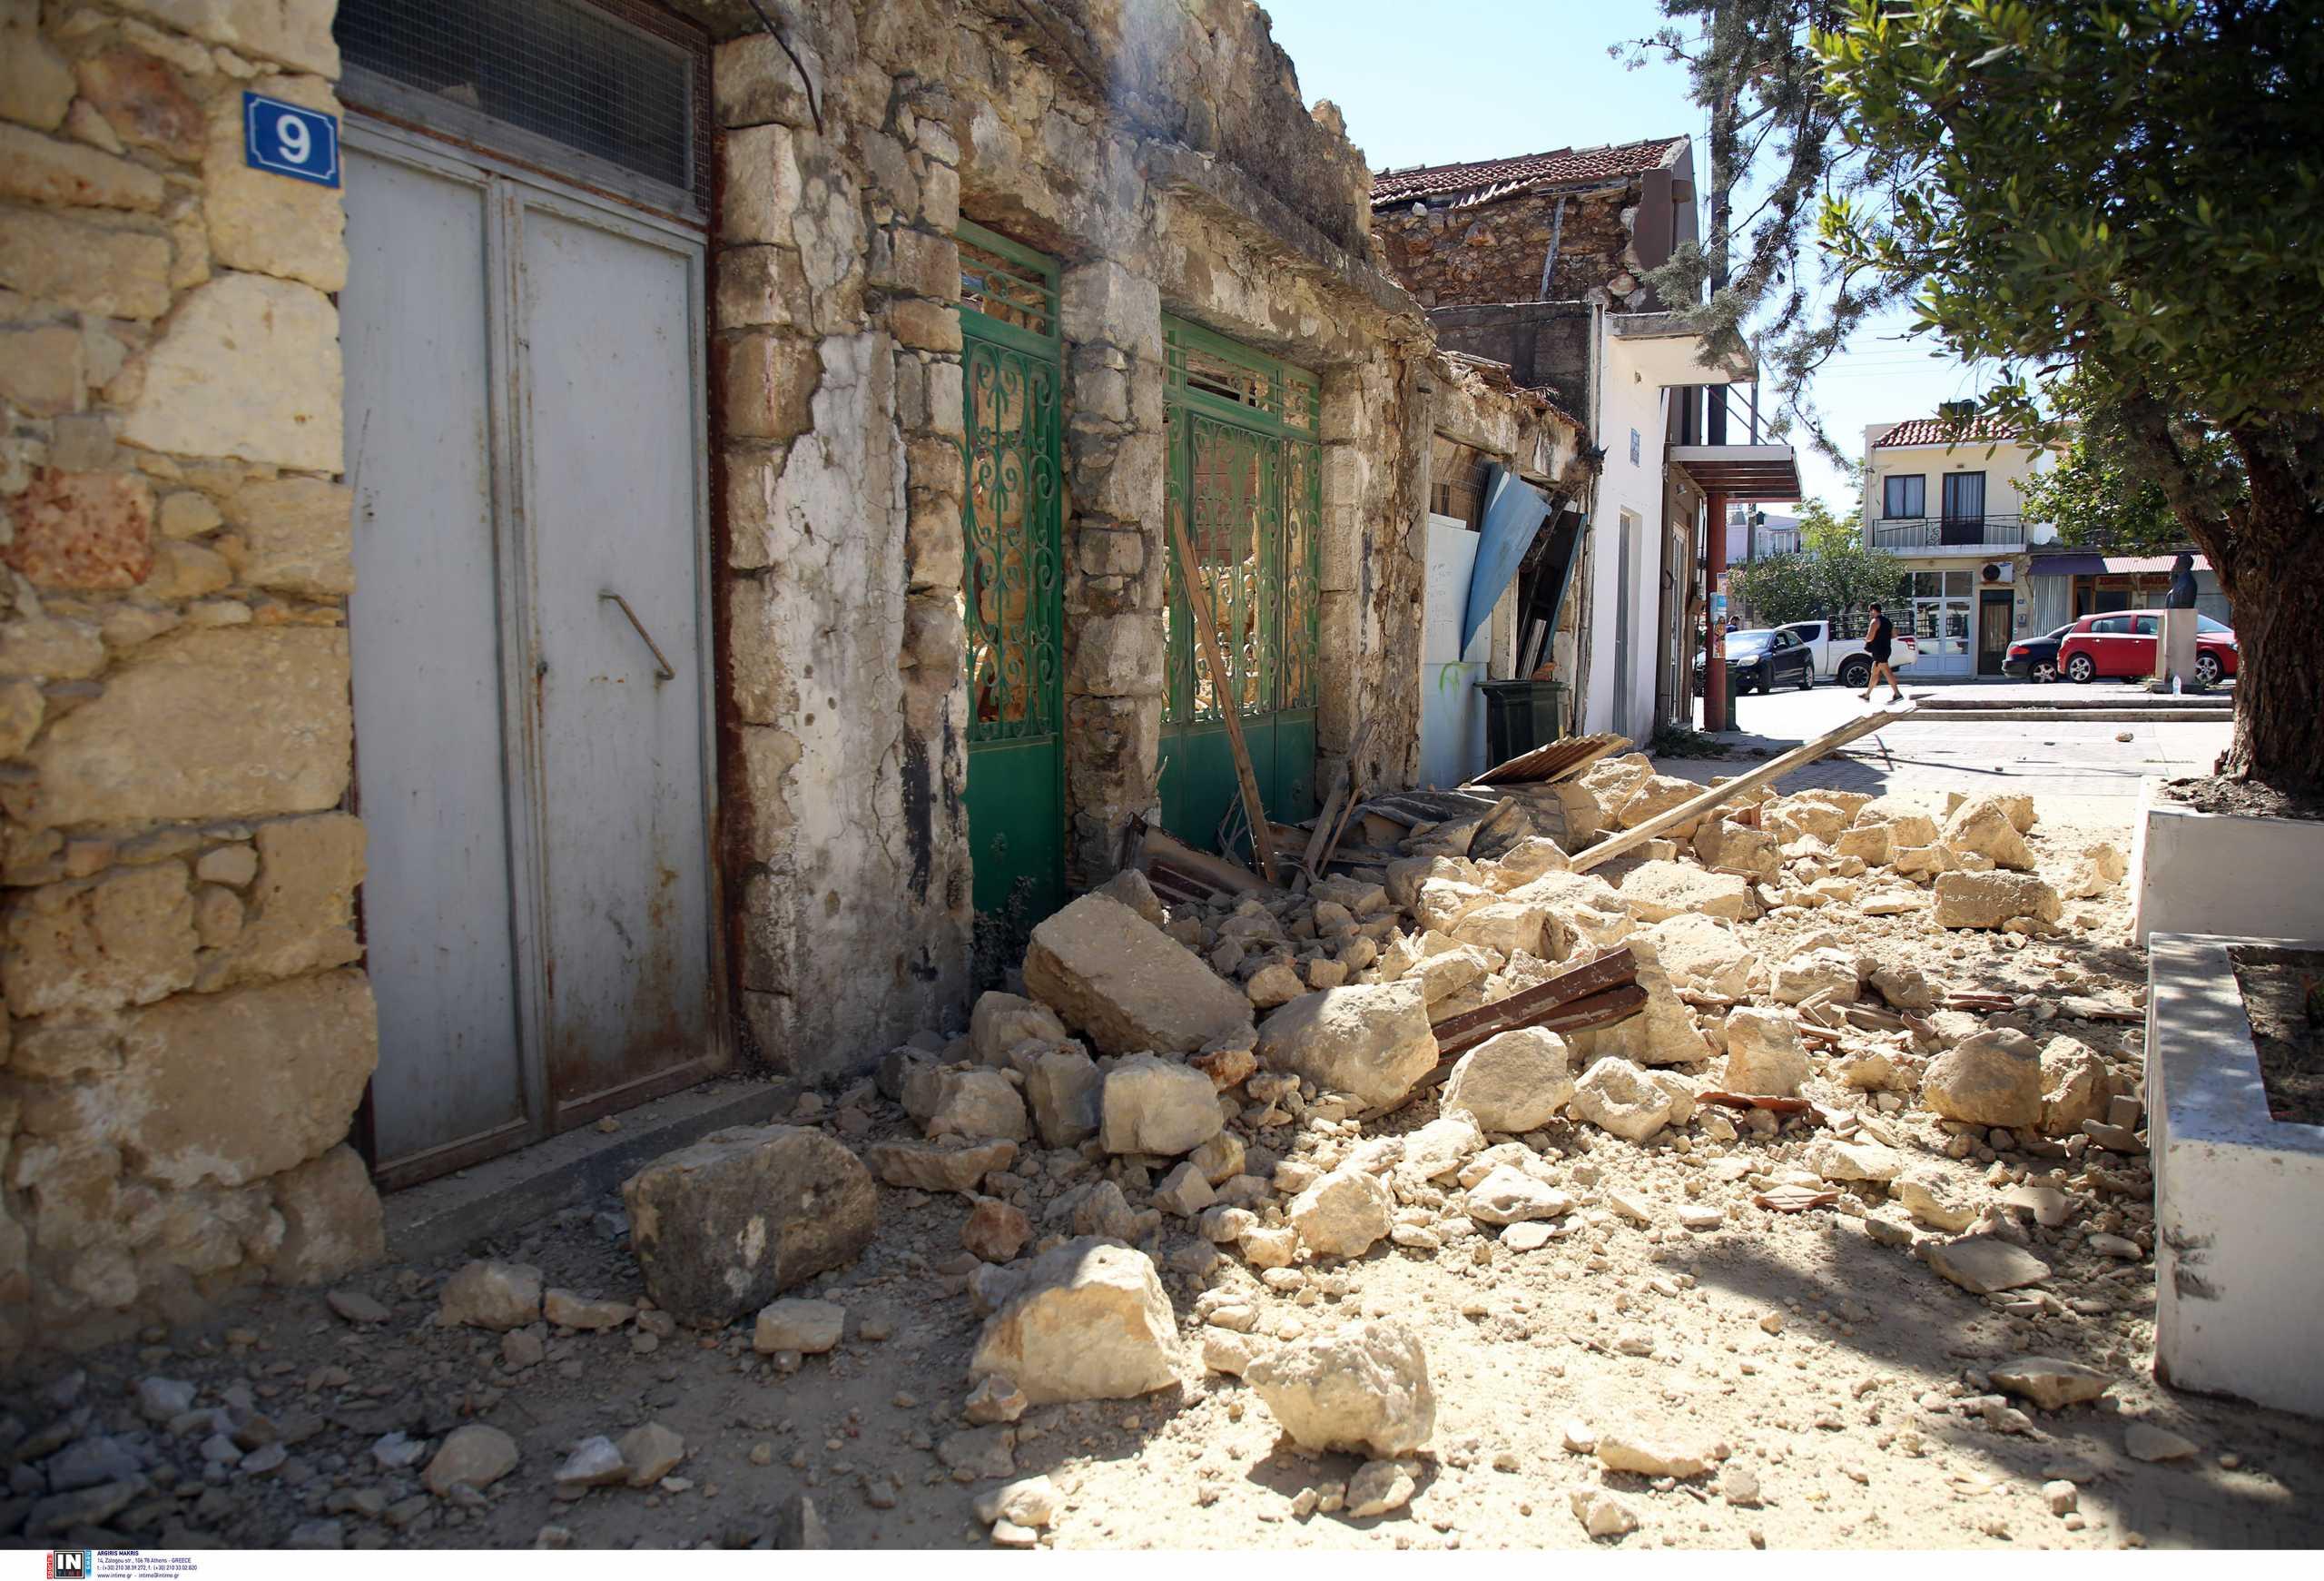 Σεισμός στην Κρήτη: Δε σταματούν τα ρίχτερ – Οι μετασεισμοί «χορεύουν» το νησί